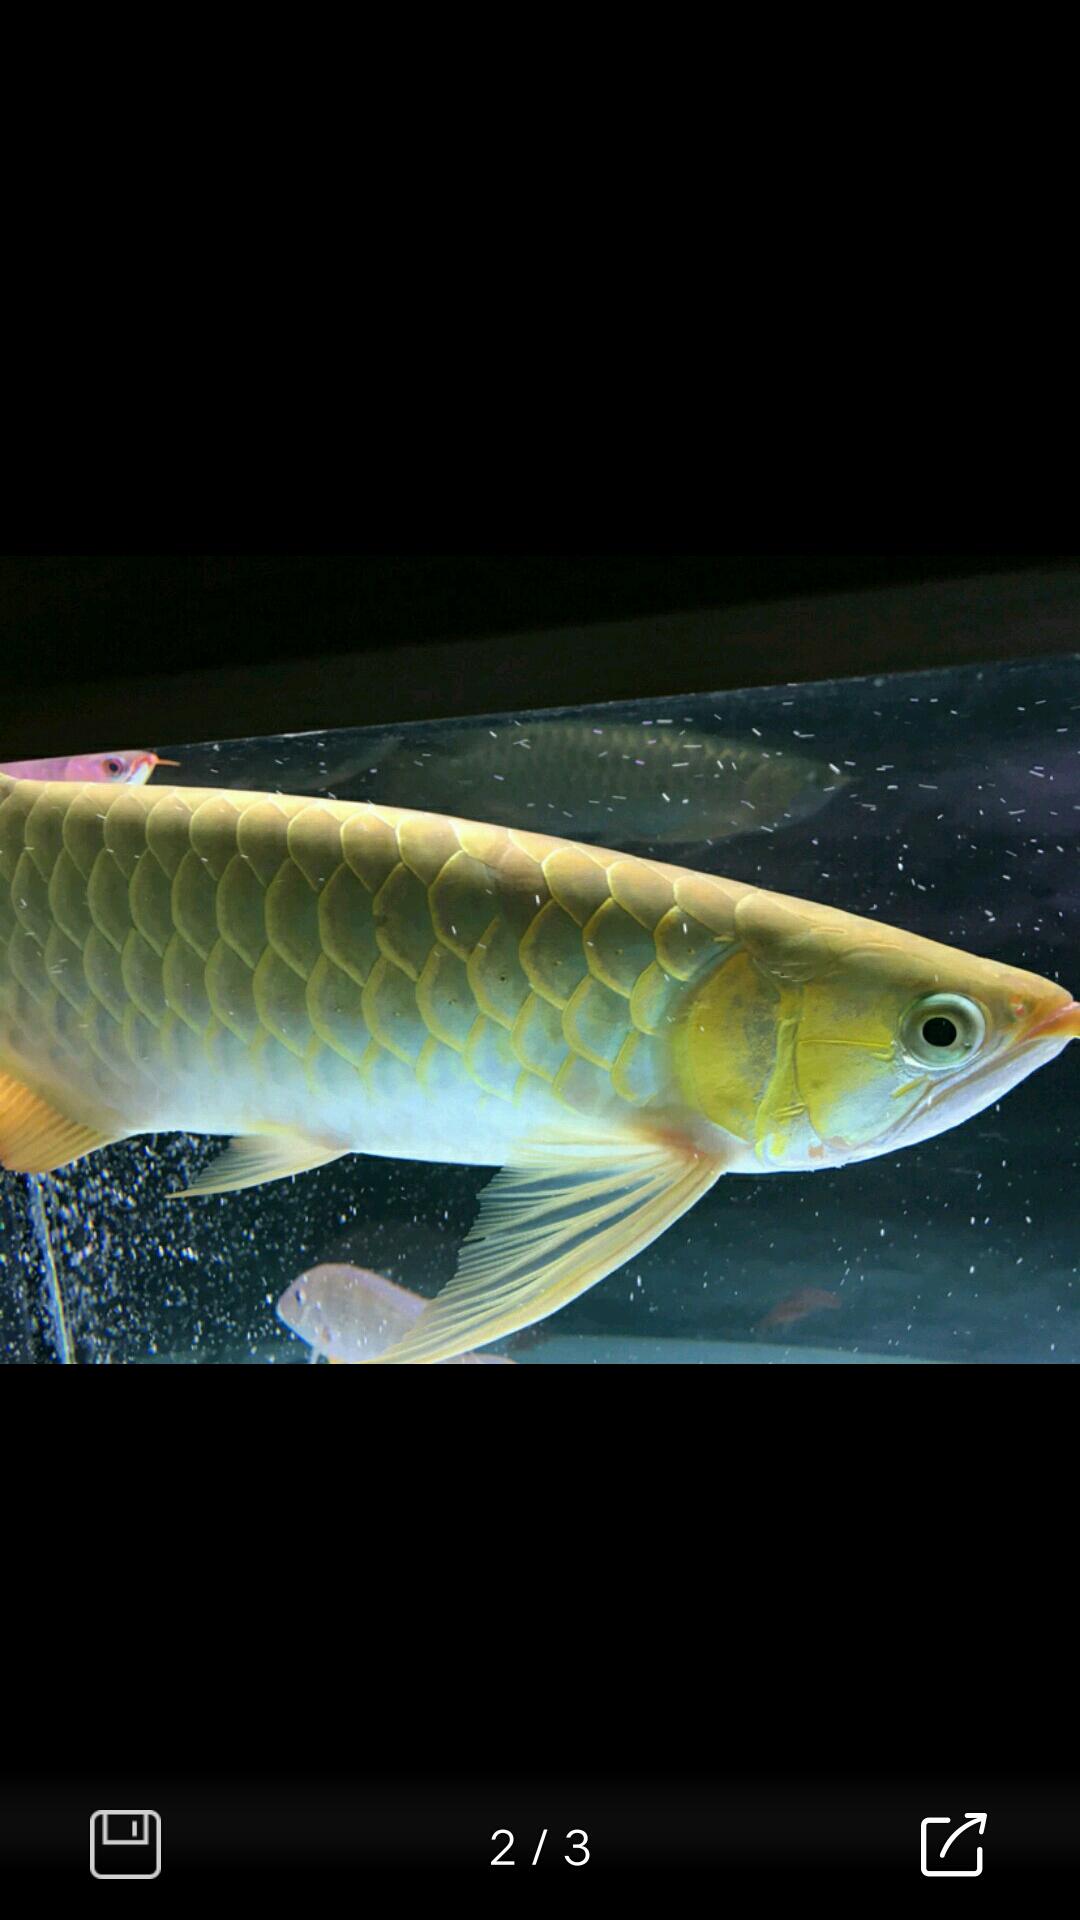 大家指点一下这是一条什么品种的龙鱼 北京龙鱼论坛 北京龙鱼第1张